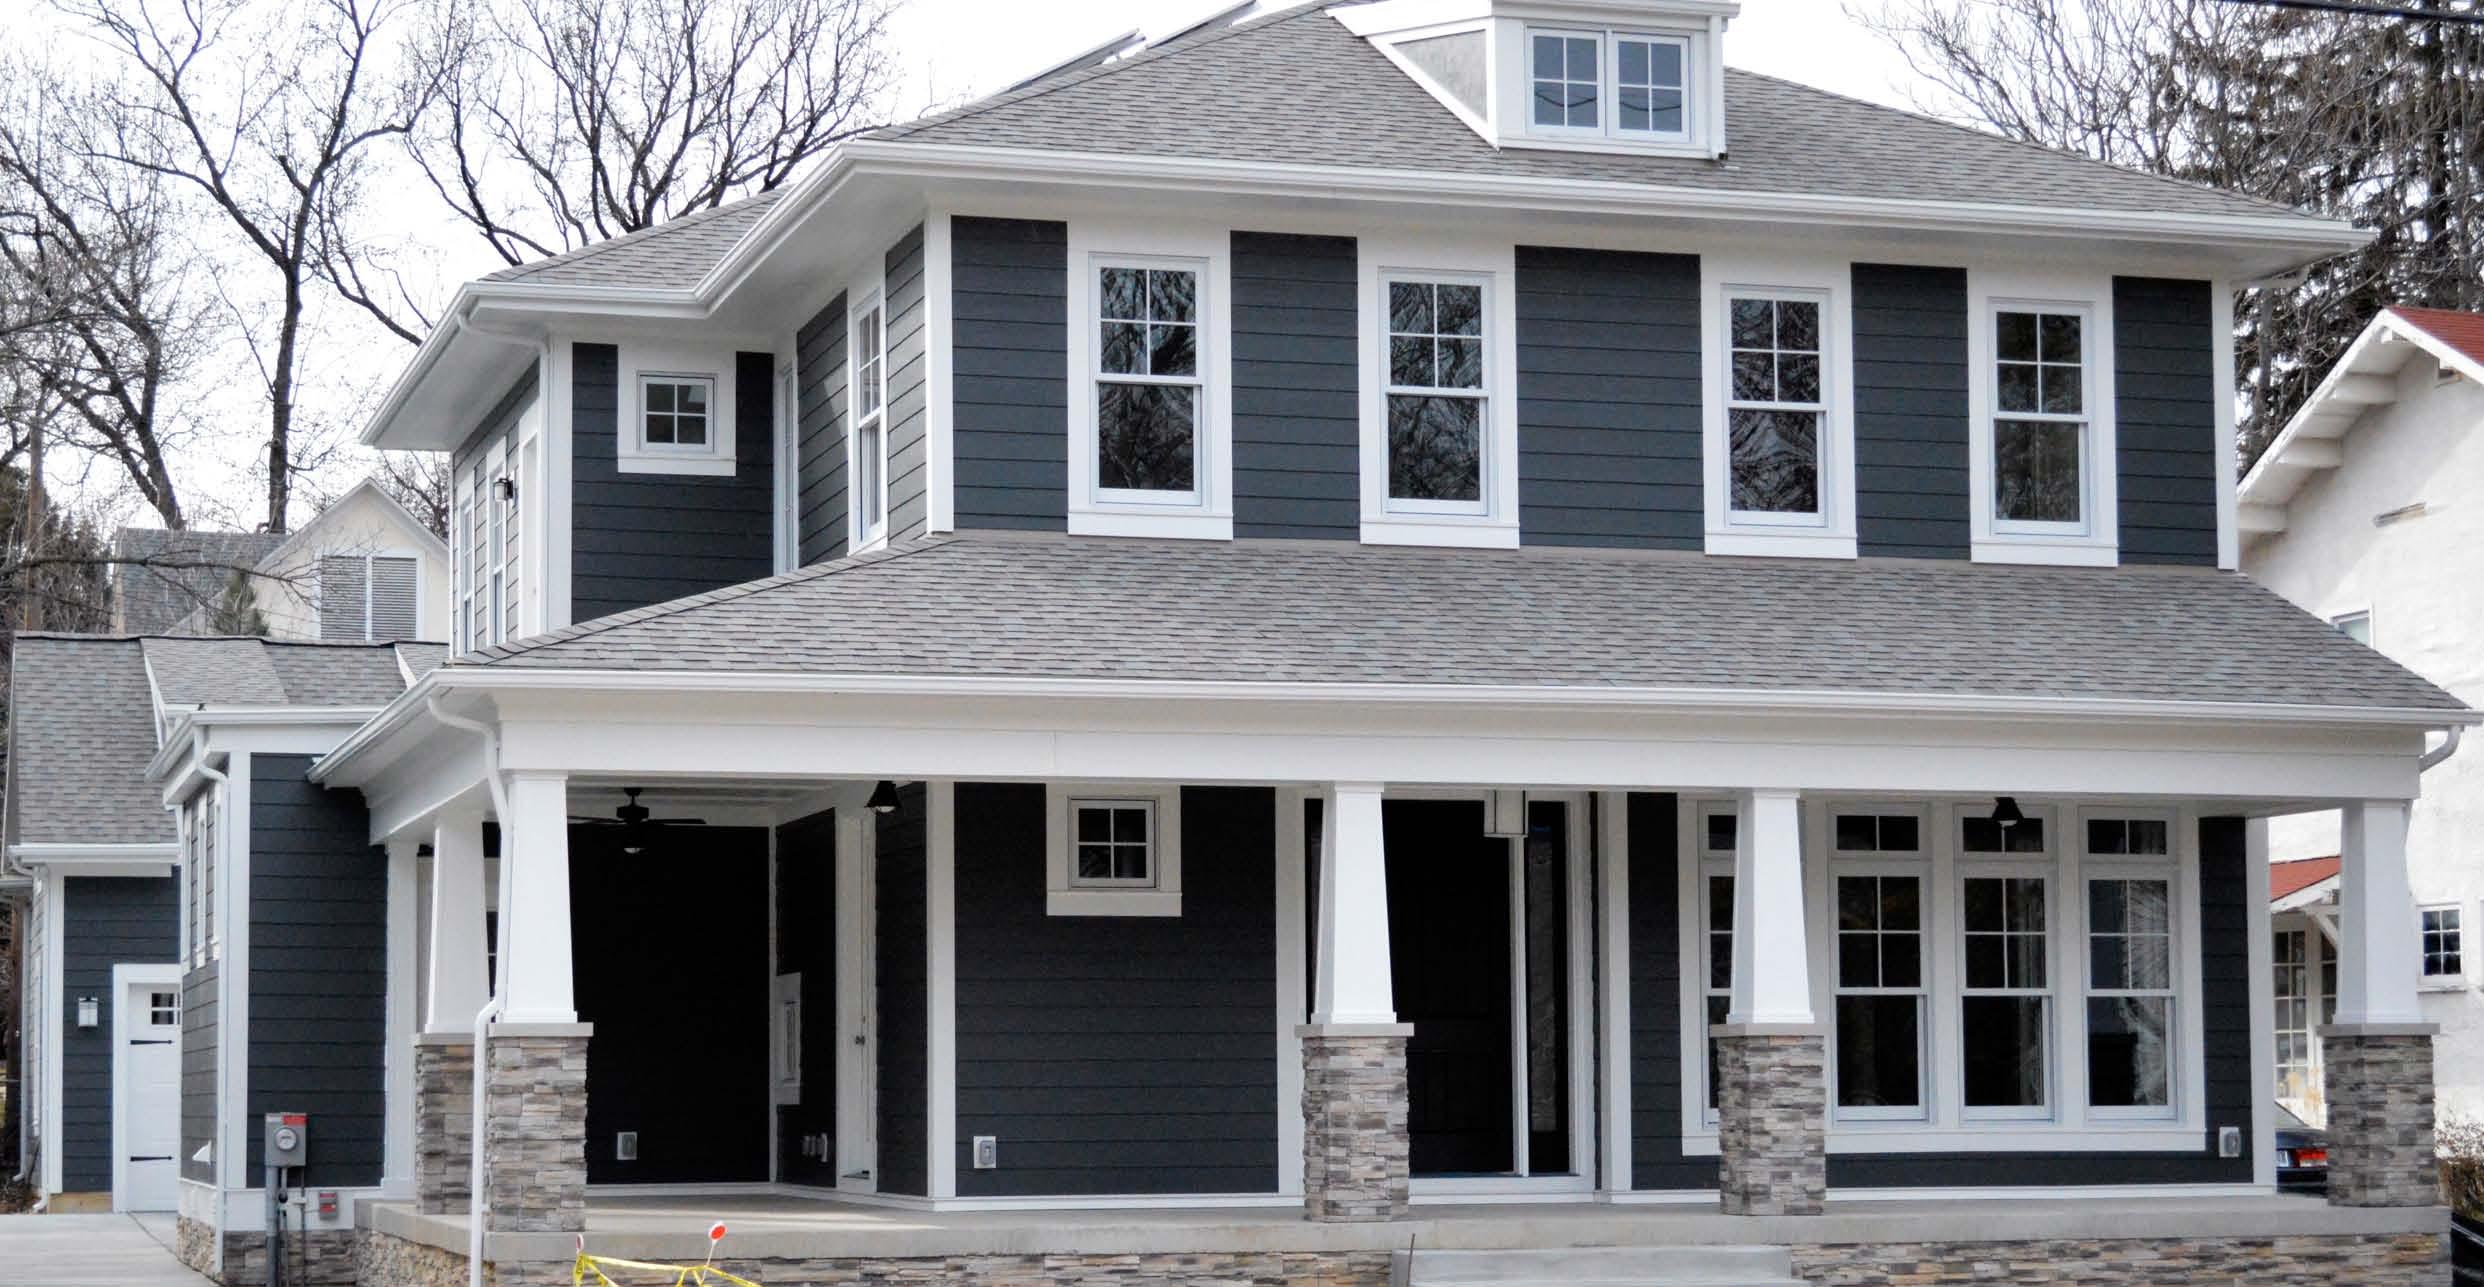 Design House Usa – House Design Ideas